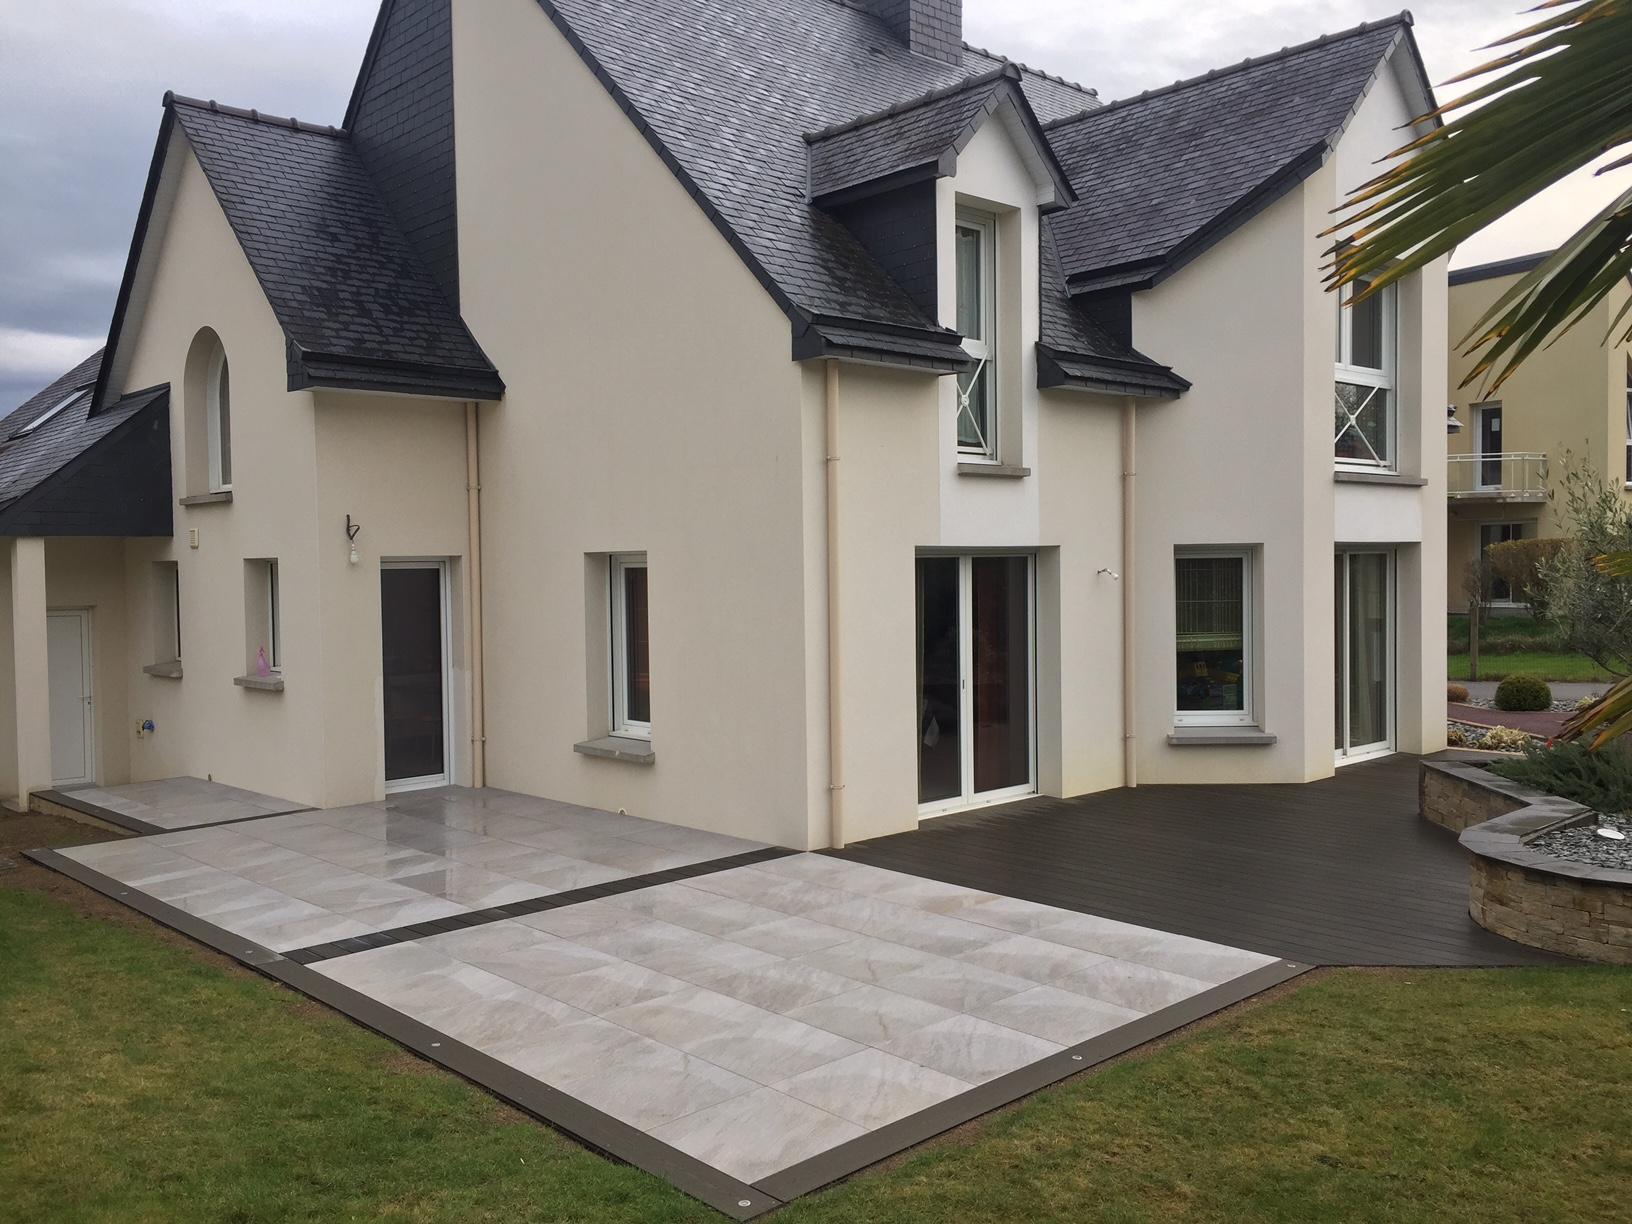 Aménagement Extérieur Avec Terrasse - Vitré (35) - Teraa à Amanagement Extarieur Maison